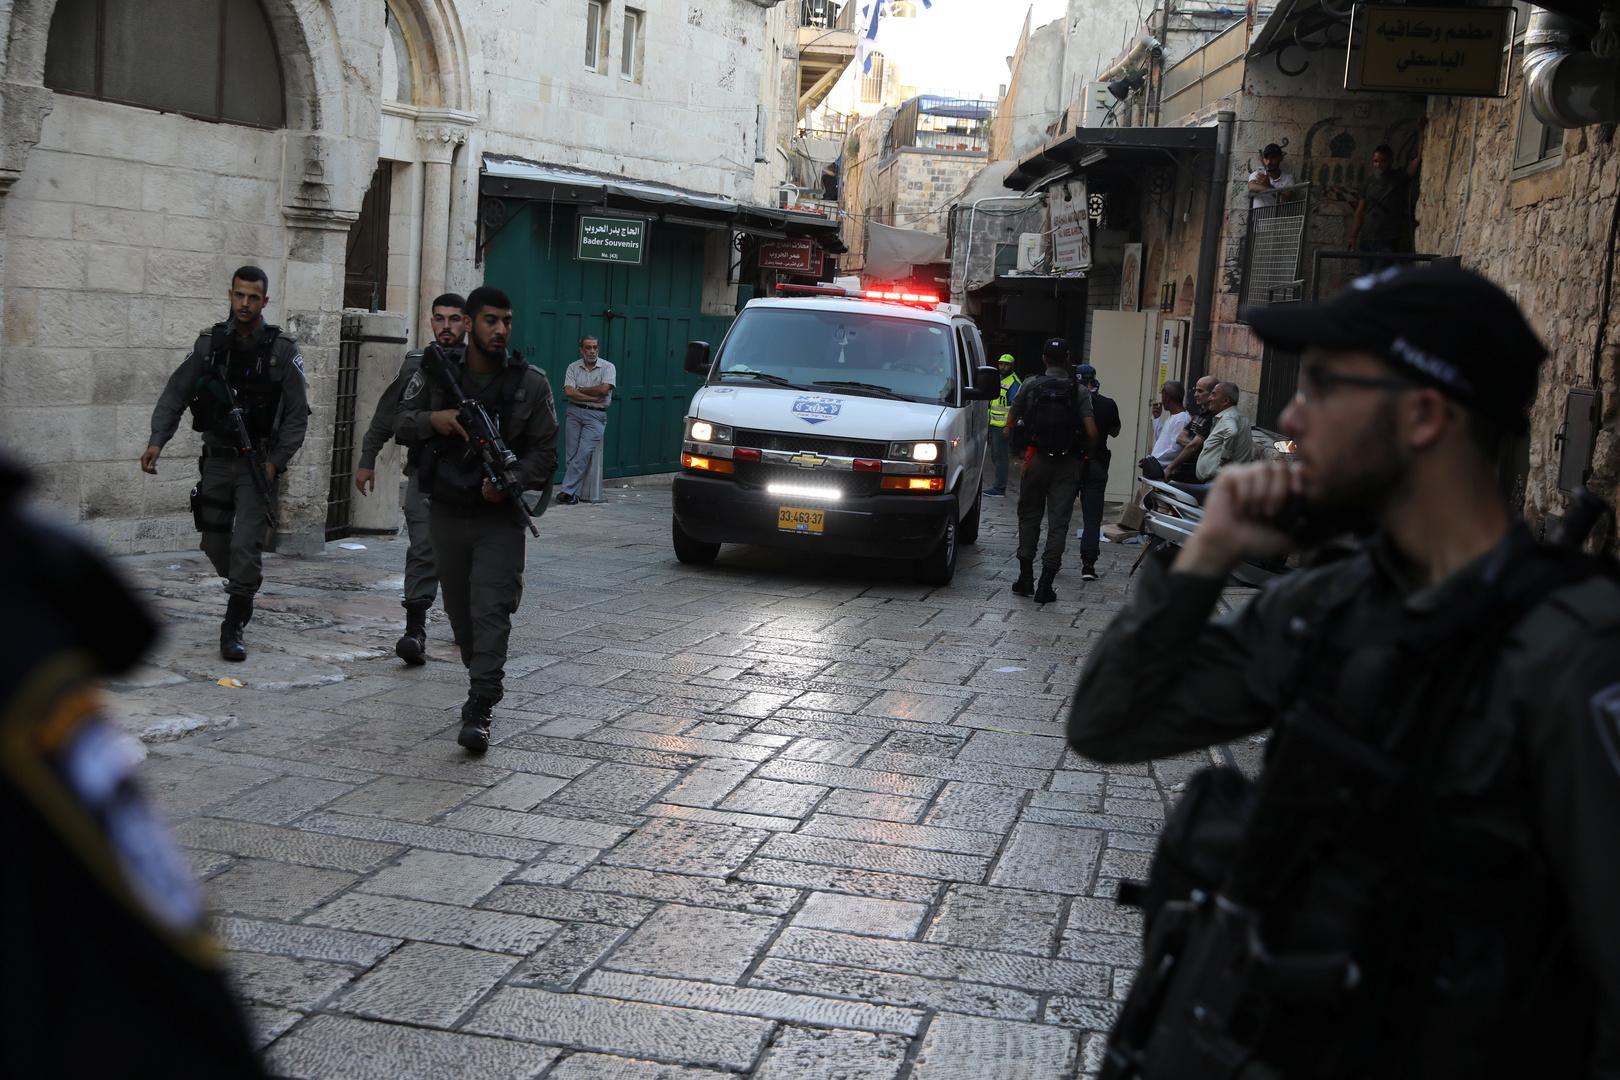 الشرطة الإسرائيلية تقتل فلسطينيا ذا إعاقة في القدس بسبب